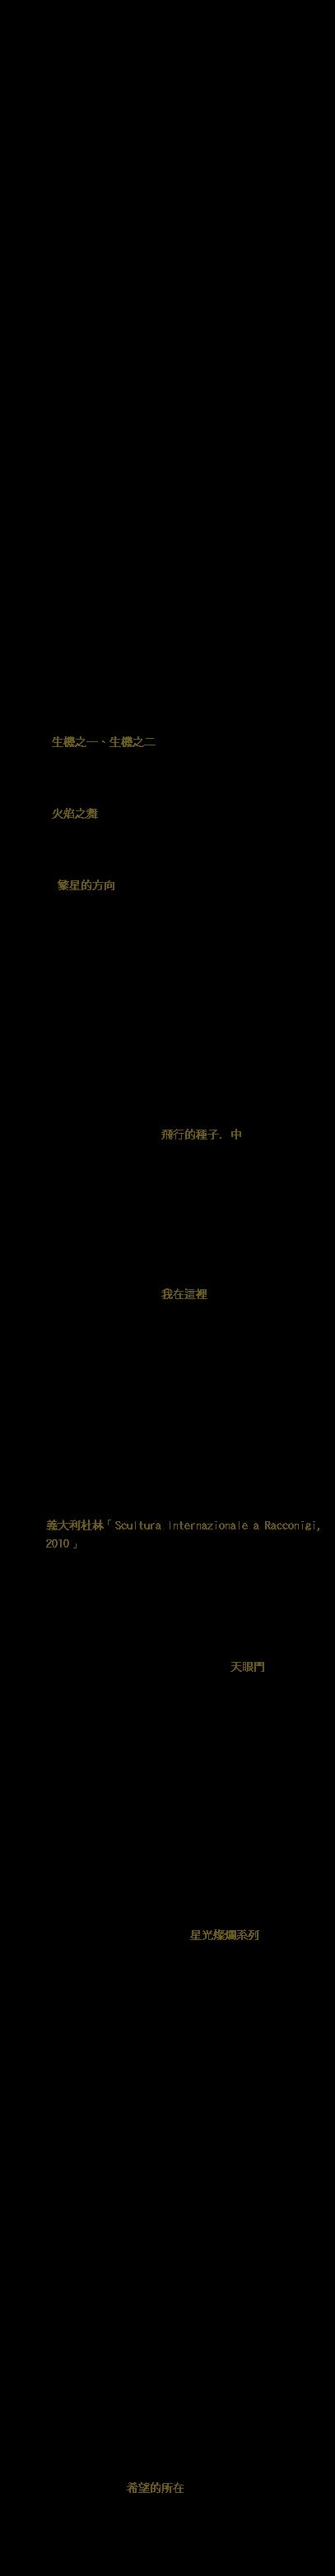 楊柏林 ( Po-Lin Yang ) 1954年出生於台灣雲林縣口湖鄉海邊的金湖村,本名楊象。小學四年級立志要成為藝術家,在母親的支持下,國小畢業即北上自我學習、追逐夢想。 非學院背景出身的他卻有多種類型的創作,如:雕塑、繪畫、建築設計、公共景觀、裝置藝術;而銅鐵、不鏽鋼、石頭、竹子、蚵殼、馬賽克、氣球布…皆是他塑造空間美感或批判生活環境的創作材質,作品屢獲公共藝術比賽第一名(文化部),且為各大美術館典藏,在台北、台中、高雄、上海、北京等多處的住宅、飯店、廣場皆可見其作品。青少年時期在書店打工,接觸文學,養成大量閱讀的習慣,也常於報章雜誌發表散文及新詩創作。2012年出版半自傳「是時候了」。 作家蔣勳 :「楊柏林只是在本能的、直覺的世界裡孕育他的藝術」,並「被國立台灣美術館館長倪再沁形容為「在學院內外遊走的天才」。 十七歲以「青年」得到全省美展水彩第三名,1986年獲選為雲林縣十大傑出青年,2009年度任中國文化大學駐校藝術家,現為台灣亞細亞雕刻家協會會長。 簡歷 1954生於雲林縣口湖鄉金湖村 2009-2010 中國文化大學 駐校藝術家 得獎記錄 1972 第二十八屆全省美展水彩第三名 1986 雲林縣十大傑出青年 2000 講義堂舉辦「九二一地震紀念碑」競圖比賽第一名 2002 臺大醫院會議中心暨醫學研究大樓室內組公共藝術徵選 「生機之一、生機之二」青銅雕塑第一名 2002 高雄市內惟埤文化園區美術公園設置公共藝術徵選「從土 地出發」雕塑第一名 2003 台北市政府環境保護局北投垃圾焚化廠公共藝術設置徵選 「火焰之舞」雕塑第一名 2004 國立嘉義大學民雄校區禮堂及週邊整體景觀工程公共藝術 徵選「日出東方」雕塑第一名 2005 新竹科學工業園區「竹南園區公共藝術設置案」公開徵選 「繁星的方向」雕塑第一名 2009 民航局北區飛航管制站「限制級飛行」第一名 出版品 1989 出版散文詩集「裸奔」 典藏 1972 台中省立美術館典藏:水彩「青年」 1988 台北市立美術館典藏「天食裝置」 1993 台北市立美術館典藏「臉系列五樣」 1996 高雄市立美術館典藏「飛行的種子. 中」 個展 1985 春之藝廊首次雕塑個展-「孕」系列 1989 台北市立美術館雕塑個展-「天地」系列 1989 皇冠藝文中心雕塑個展-「靜坐」系列 1999 楊柏林工作室雕塑個展-「飛行的種子」系列 2010 台北當代藝術館 – 「我在這裡 – 楊柏林個展」 聯展 1987 台北市立美術館現代雕塑大展 1990 香港置地廣場雙人展 1995 台北市立美術館中日韓現代雕塑展 1997 韓國釜山國際交流展 1998 日本福岡赤煉瓦文化館亞細亞「創彩空」展 2006 亞細亞雕刻家協會台灣台北華山藝文特區聯展 2009 韓國光洲美術館聯展(境界) 2010 杭州「蓬來巨匠 – 台灣近代雕塑百年展」 2010 義大利杜林「Scultura Internazionale a Racconigi, 2010」 2011 日本福岡亞細亞「四大都市現代雕刻交流展」 公共藝術、景觀設計 1986 觀音山凌雲禪寺42尺千手觀音青銅佛像製作 1996 世界宗教博物館景觀雕刻大門製作「天眼門」 1998 遠中房地產發展有限公司(大陸上海)典藏「上揚」 1999 僑泰建設「發現之旅」景觀雕塑設計製作 「君子夏日行宮」 2001 全坤興業「敦峰」典藏「牽手」青銅雕塑 2001 國揚實業「天琴」典藏「真言互動」、「黃金海岸」 等大型青銅雕塑並設立楊柏林雕塑美術館 2002 上海天馬高爾夫球場鄉村俱樂部「天馬系列石雕」 2003 台北「信義之星」大型景觀雕塑「春來了」系列 2003 興南建設「御活水」四季藏春主題景觀雕塑 2003 皇苑建設「人文臻藏」典藏「音樂射手」、「真言互動」 「天空」等大型青銅雕塑 2003 國美建設「時代廣場」大型景觀雕塑「光環」 2005 醒吾技術學院公共藝術設置「經緯之外」大型景觀雕塑 2006 樸永建設樸園上誠「始初」琉璃銅雕塑 2006 「宏盛帝寶」大型公共藝術,星光燦爛系列- 2007 元培科技大學「生命天際」不銹鋼 雕塑 2007 寶鎧建設 「靈光乍現」「每一次的觸摸」台中睿觀 2007 皇苑建設「水來喜來」人文首馥 2008 弘光科技大學「宏觀條碼」「馬賽克幽浮」不銹鋼 雕塑 2008 麗寶建設「美麗新世界」麗寶之星 2008 潤泰建設 「星光乍現」潤泰敦仁 2008 大陸北京 北京NAGA大堂雕刻「遊龍在家」「雙星報喜」 2009 由鉅建設 「仲夏夜之夢」「在自己的土地上跳舞」三希 2009 民航局北區飛航管制站「限制級飛行」公共藝術設置計畫 2009 承優營造 捷運都會「美麗新世界」 2009 金和裕開發 文藝春秋及理性與感性 「春秋如意」